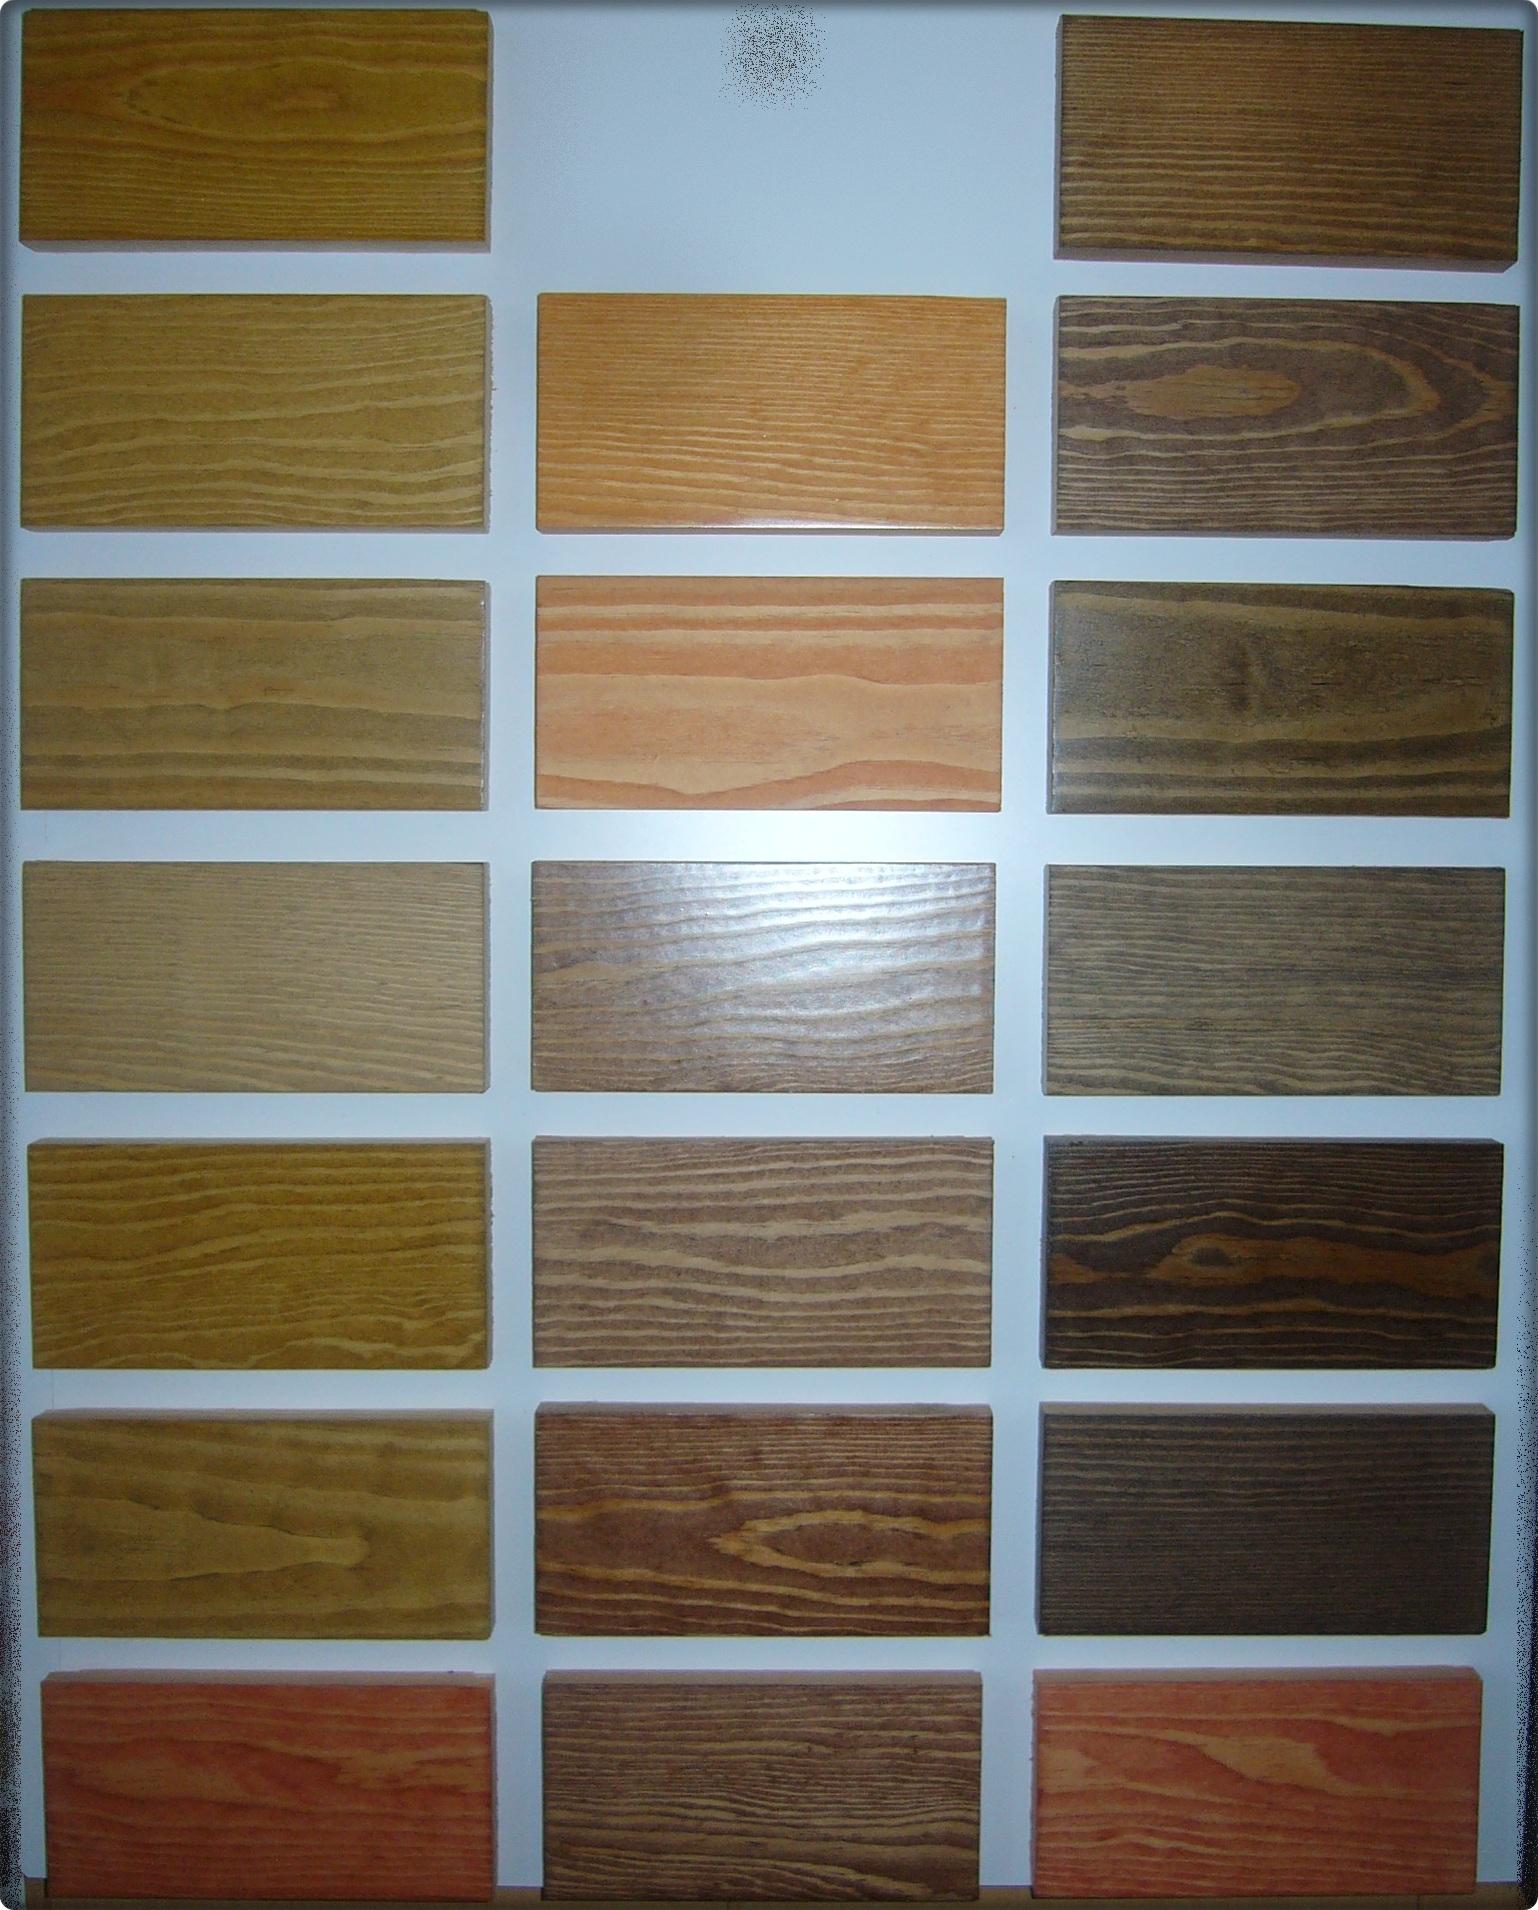 Лессировка деревянных поверхностей, подготовка дерева и нанесение состава - alpina farben - alpina farben